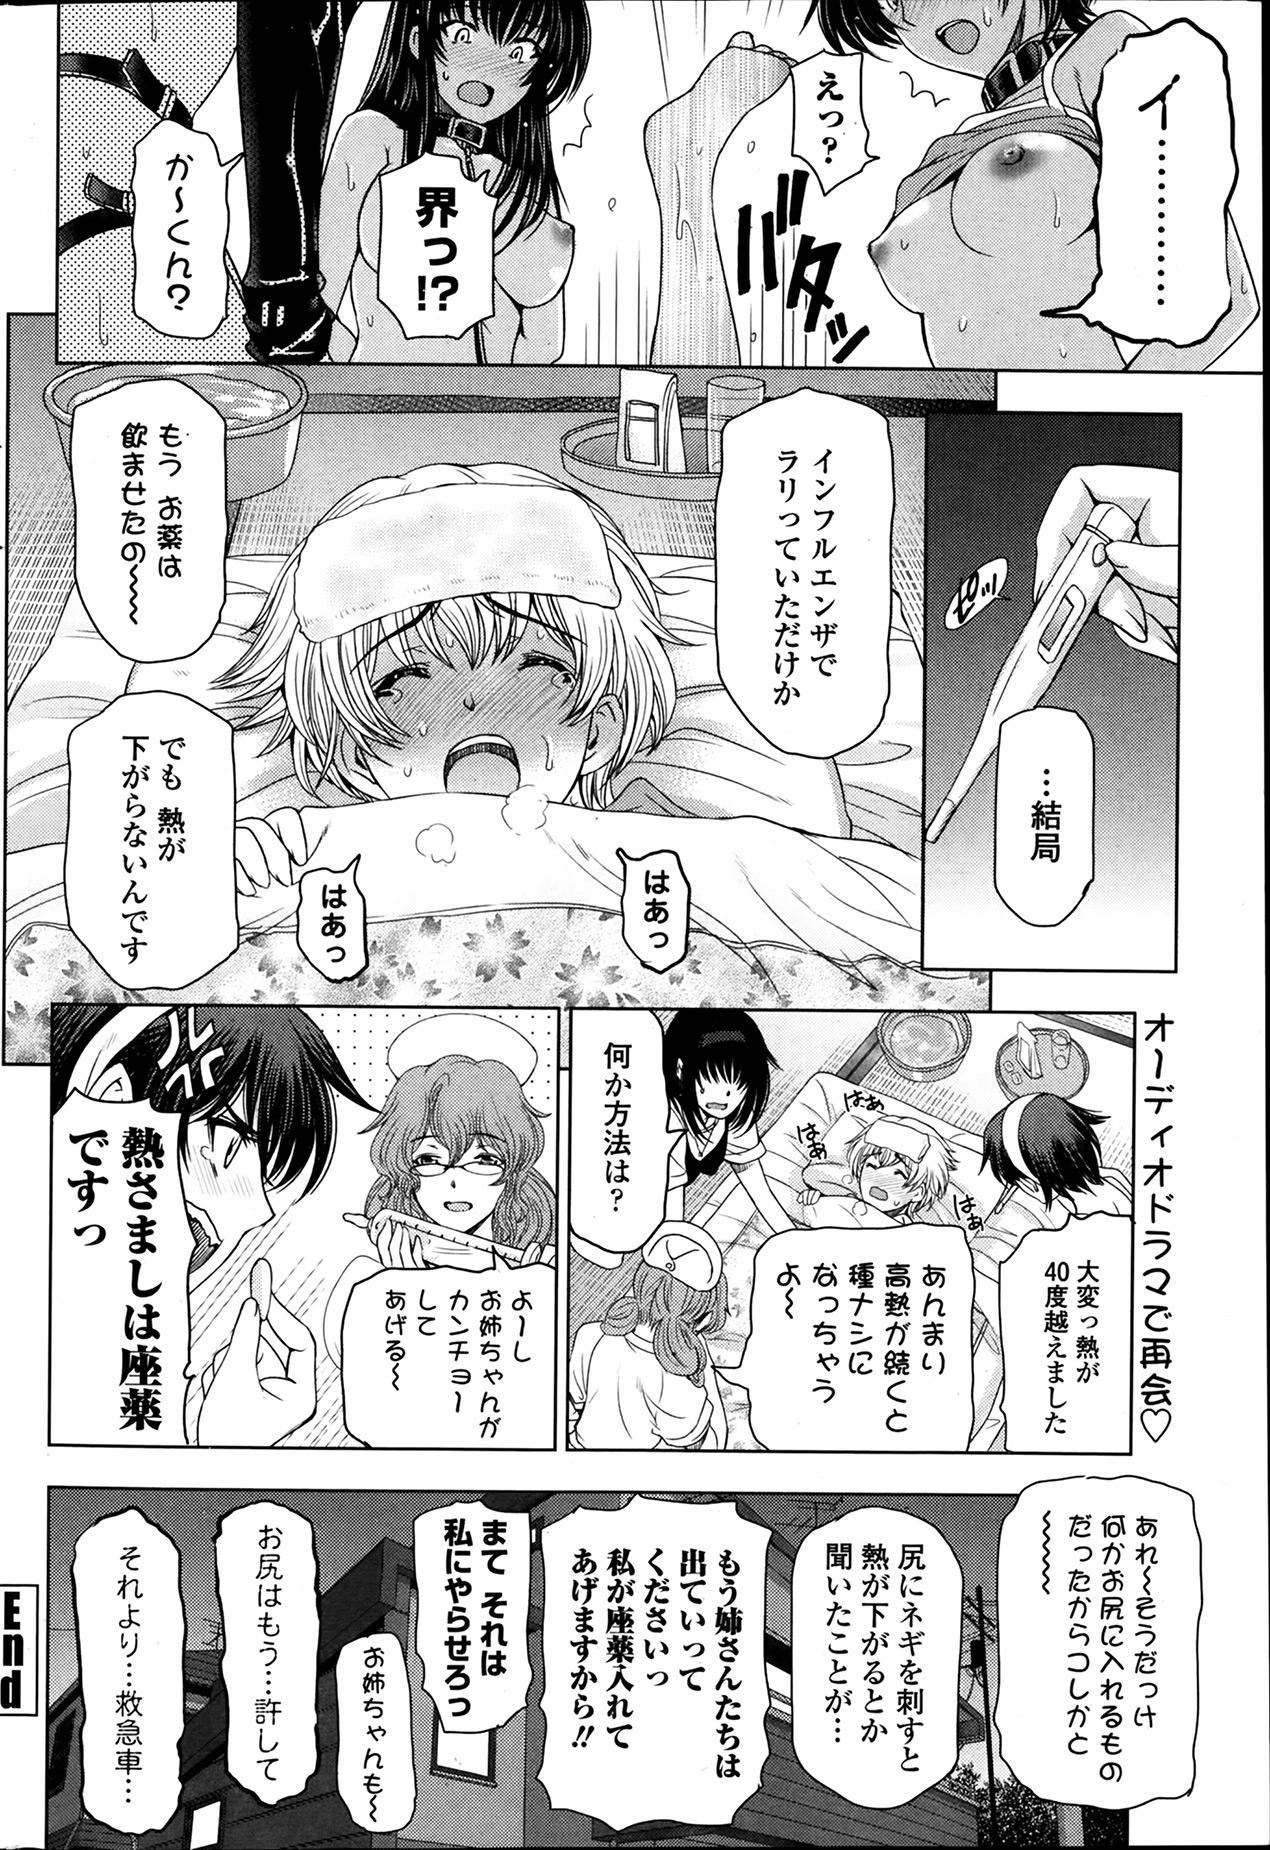 Ane wa Shota o Suki ni Naru Bangaihen 1-2 33